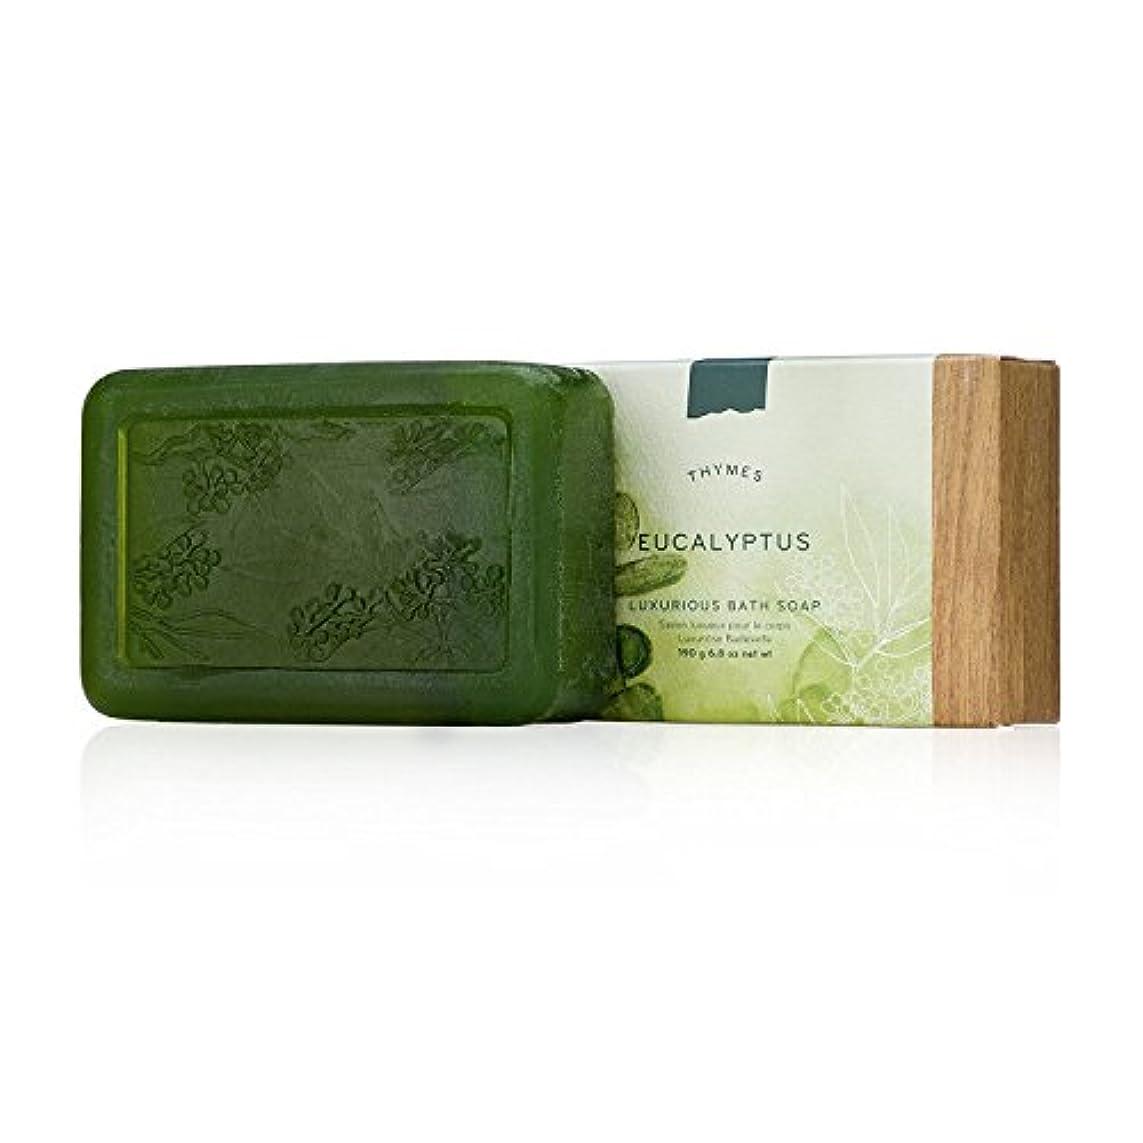 上がる崩壊偶然タイムズ Eucalyptus Luxurious Bath Soap 190g/6.8oz